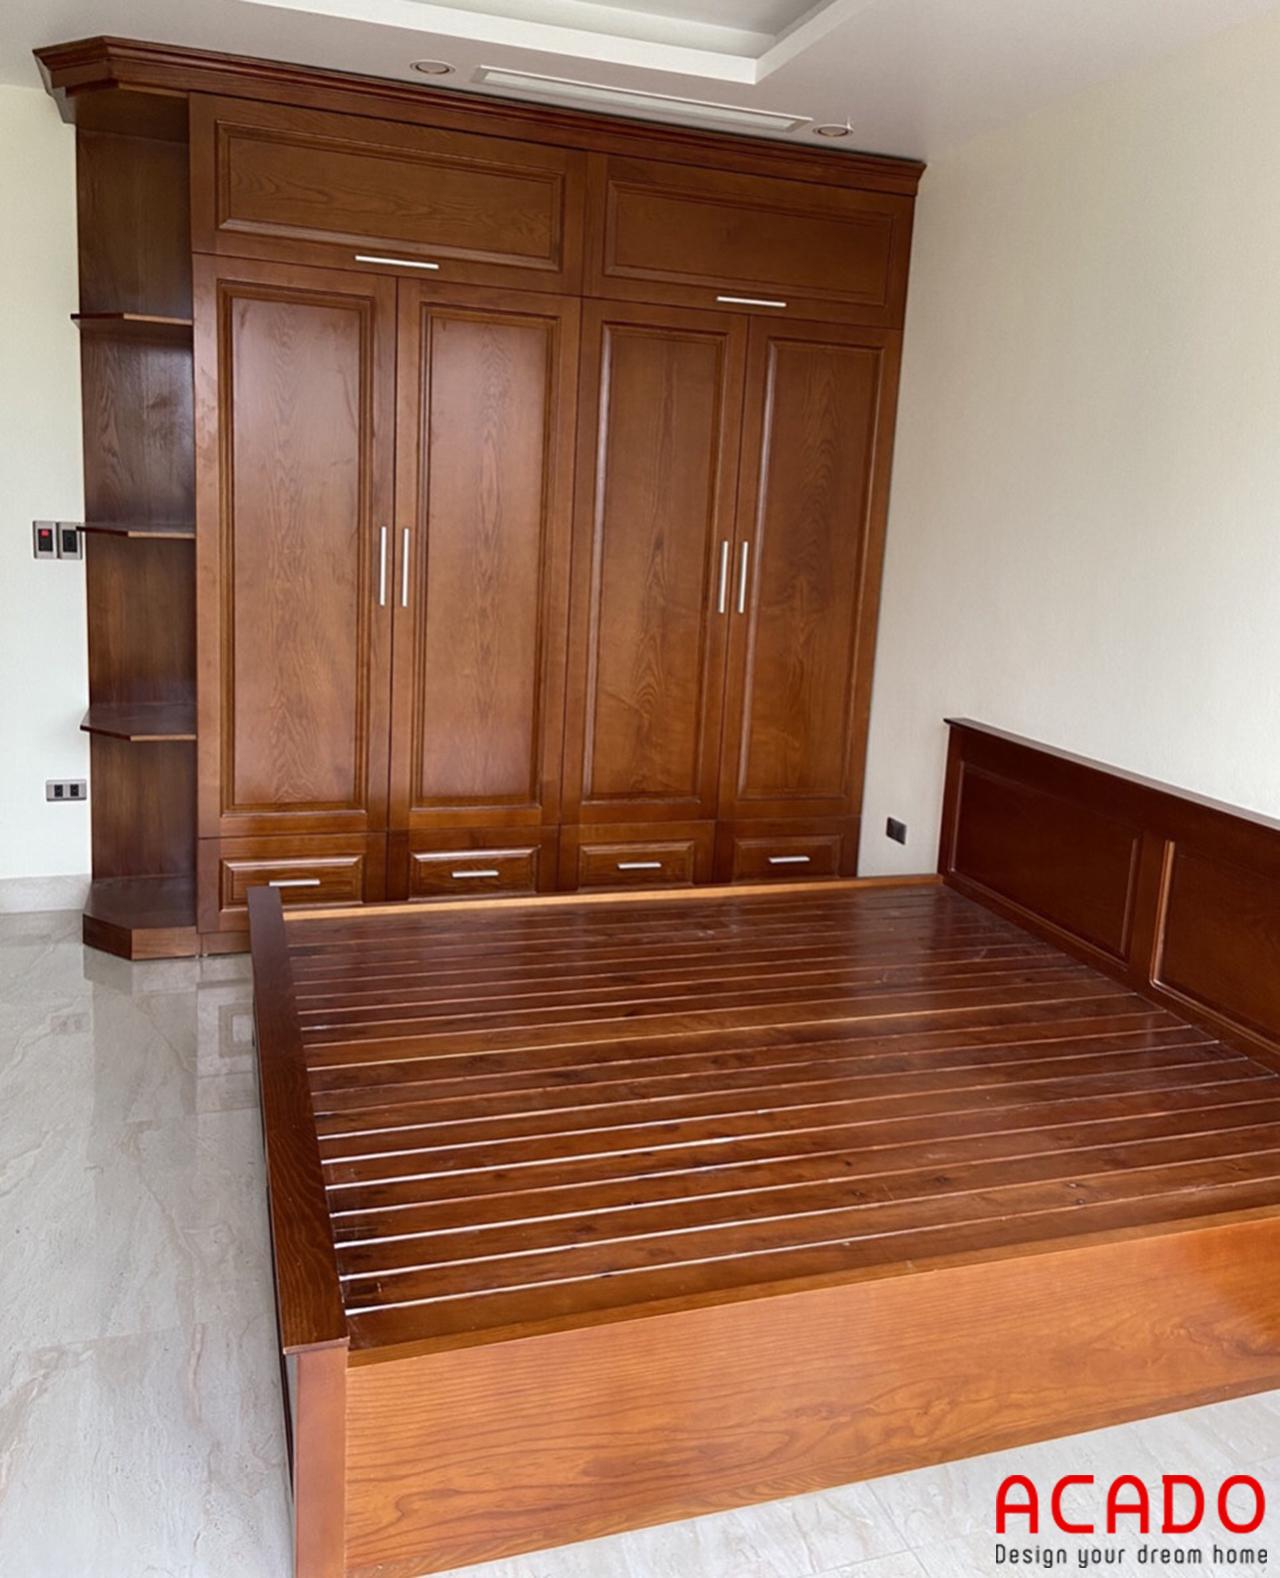 tủ quần áo chất liệu gỗ tự nhiên đem lại sự sang trong, lịch lãm cho không gia phòng ngủ.